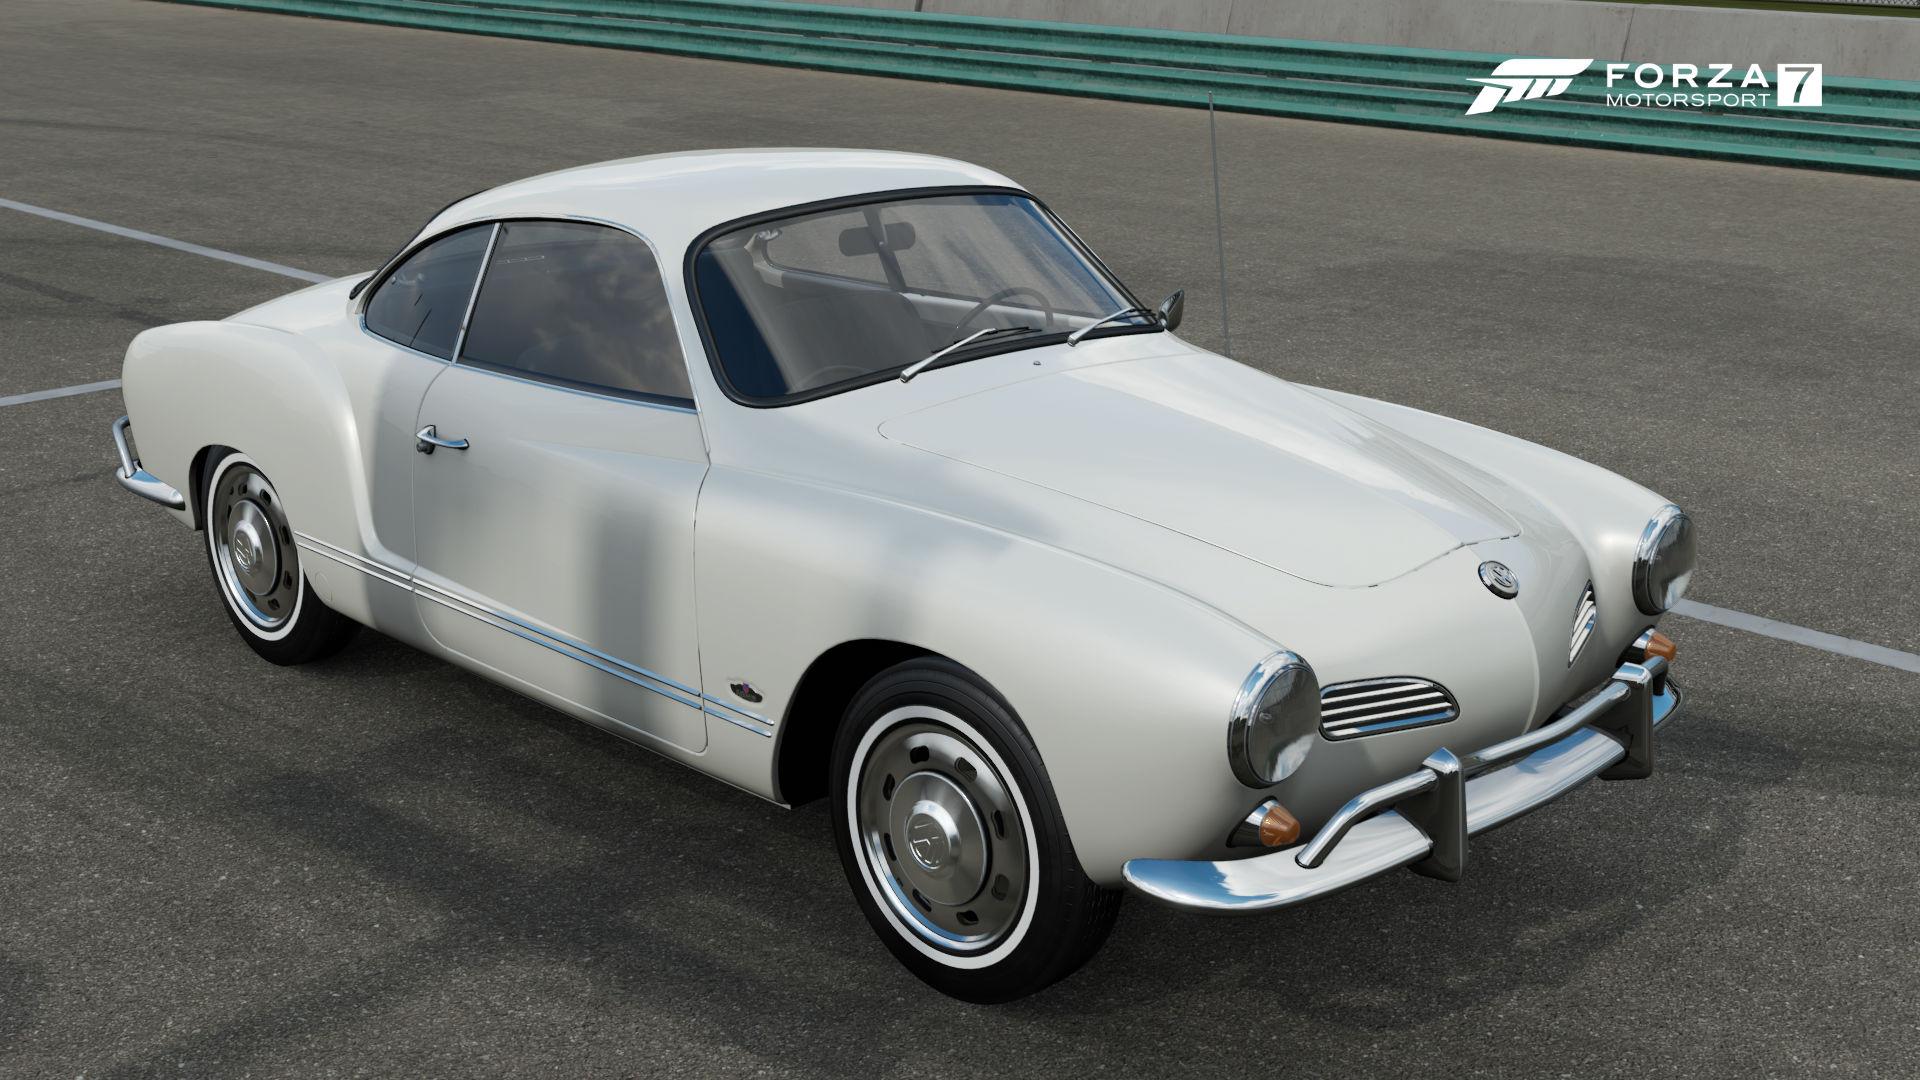 Volkswagen Karmann Ghia | Forza Motorsport Wiki | FANDOM powered by